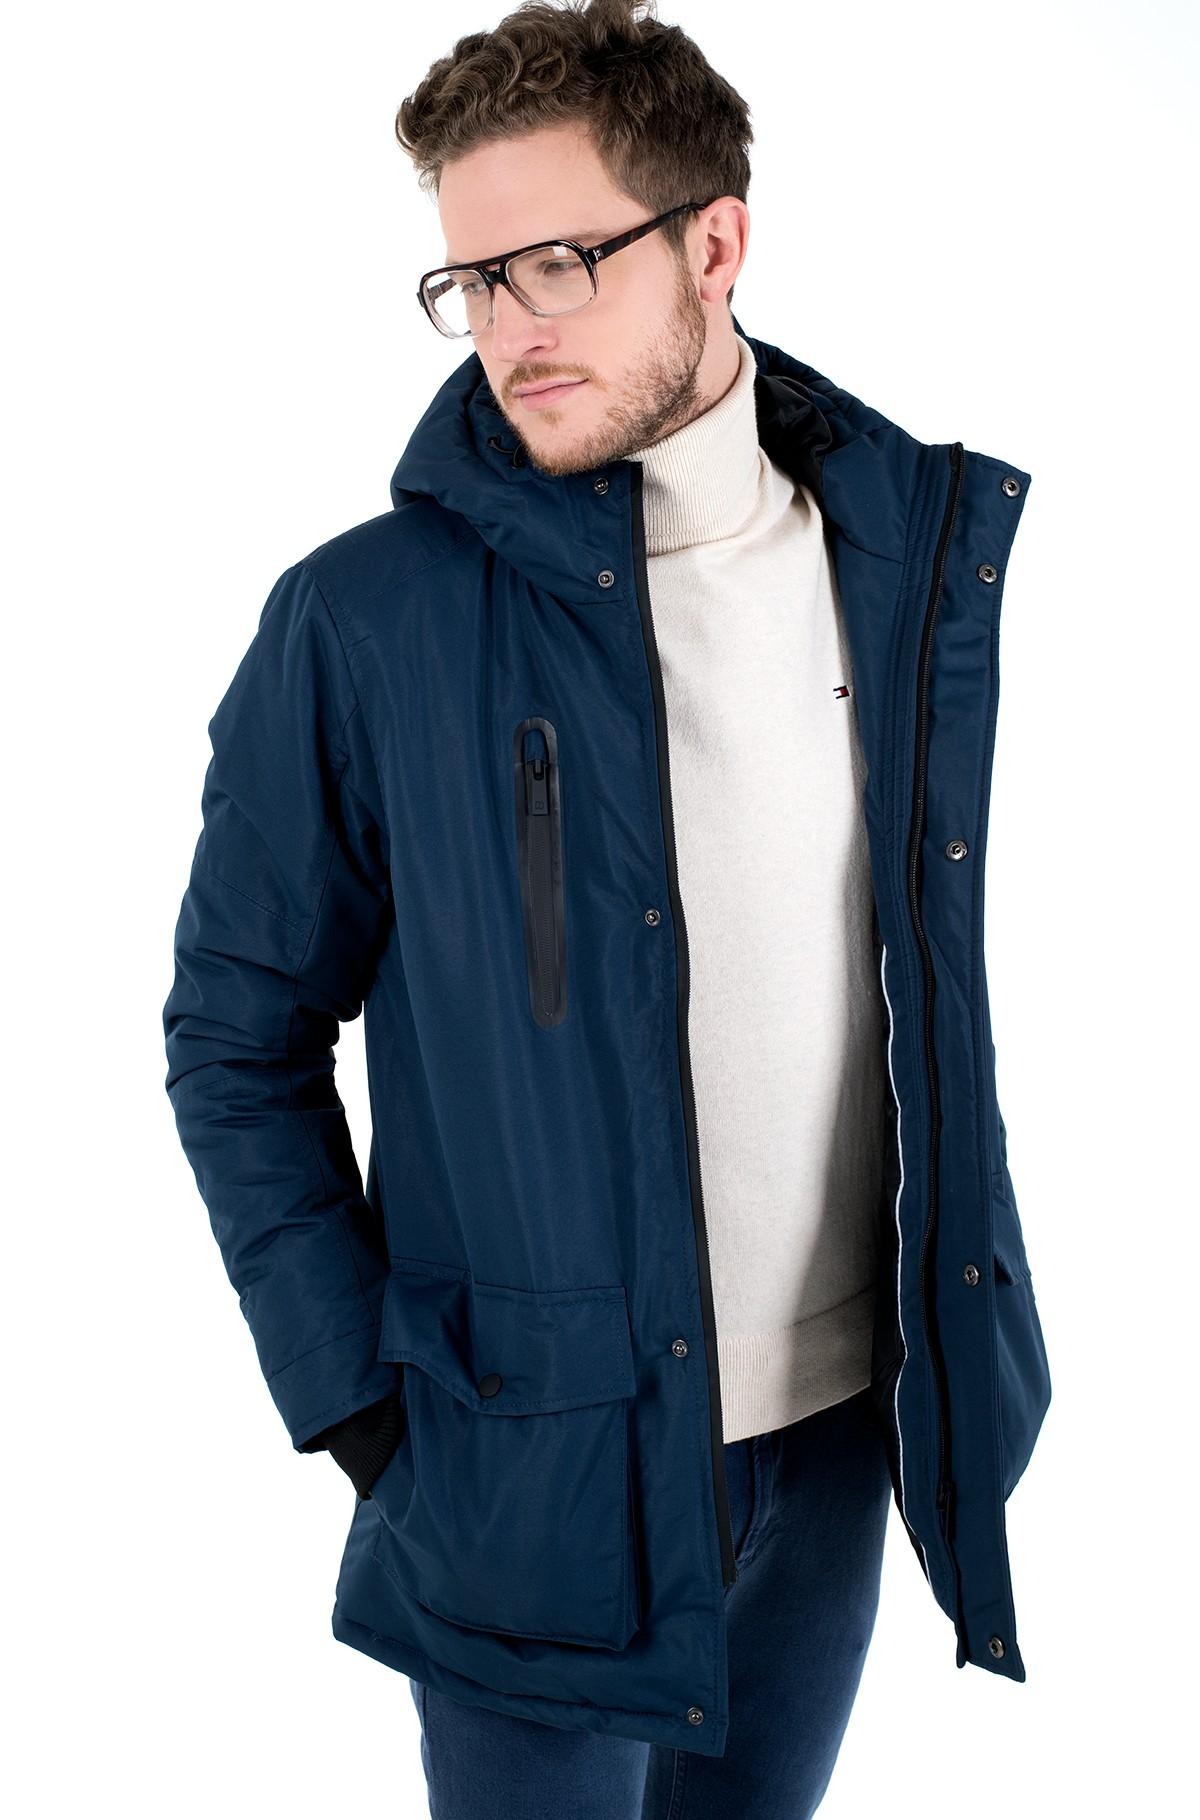 Jope Jacket RANDO-full-1